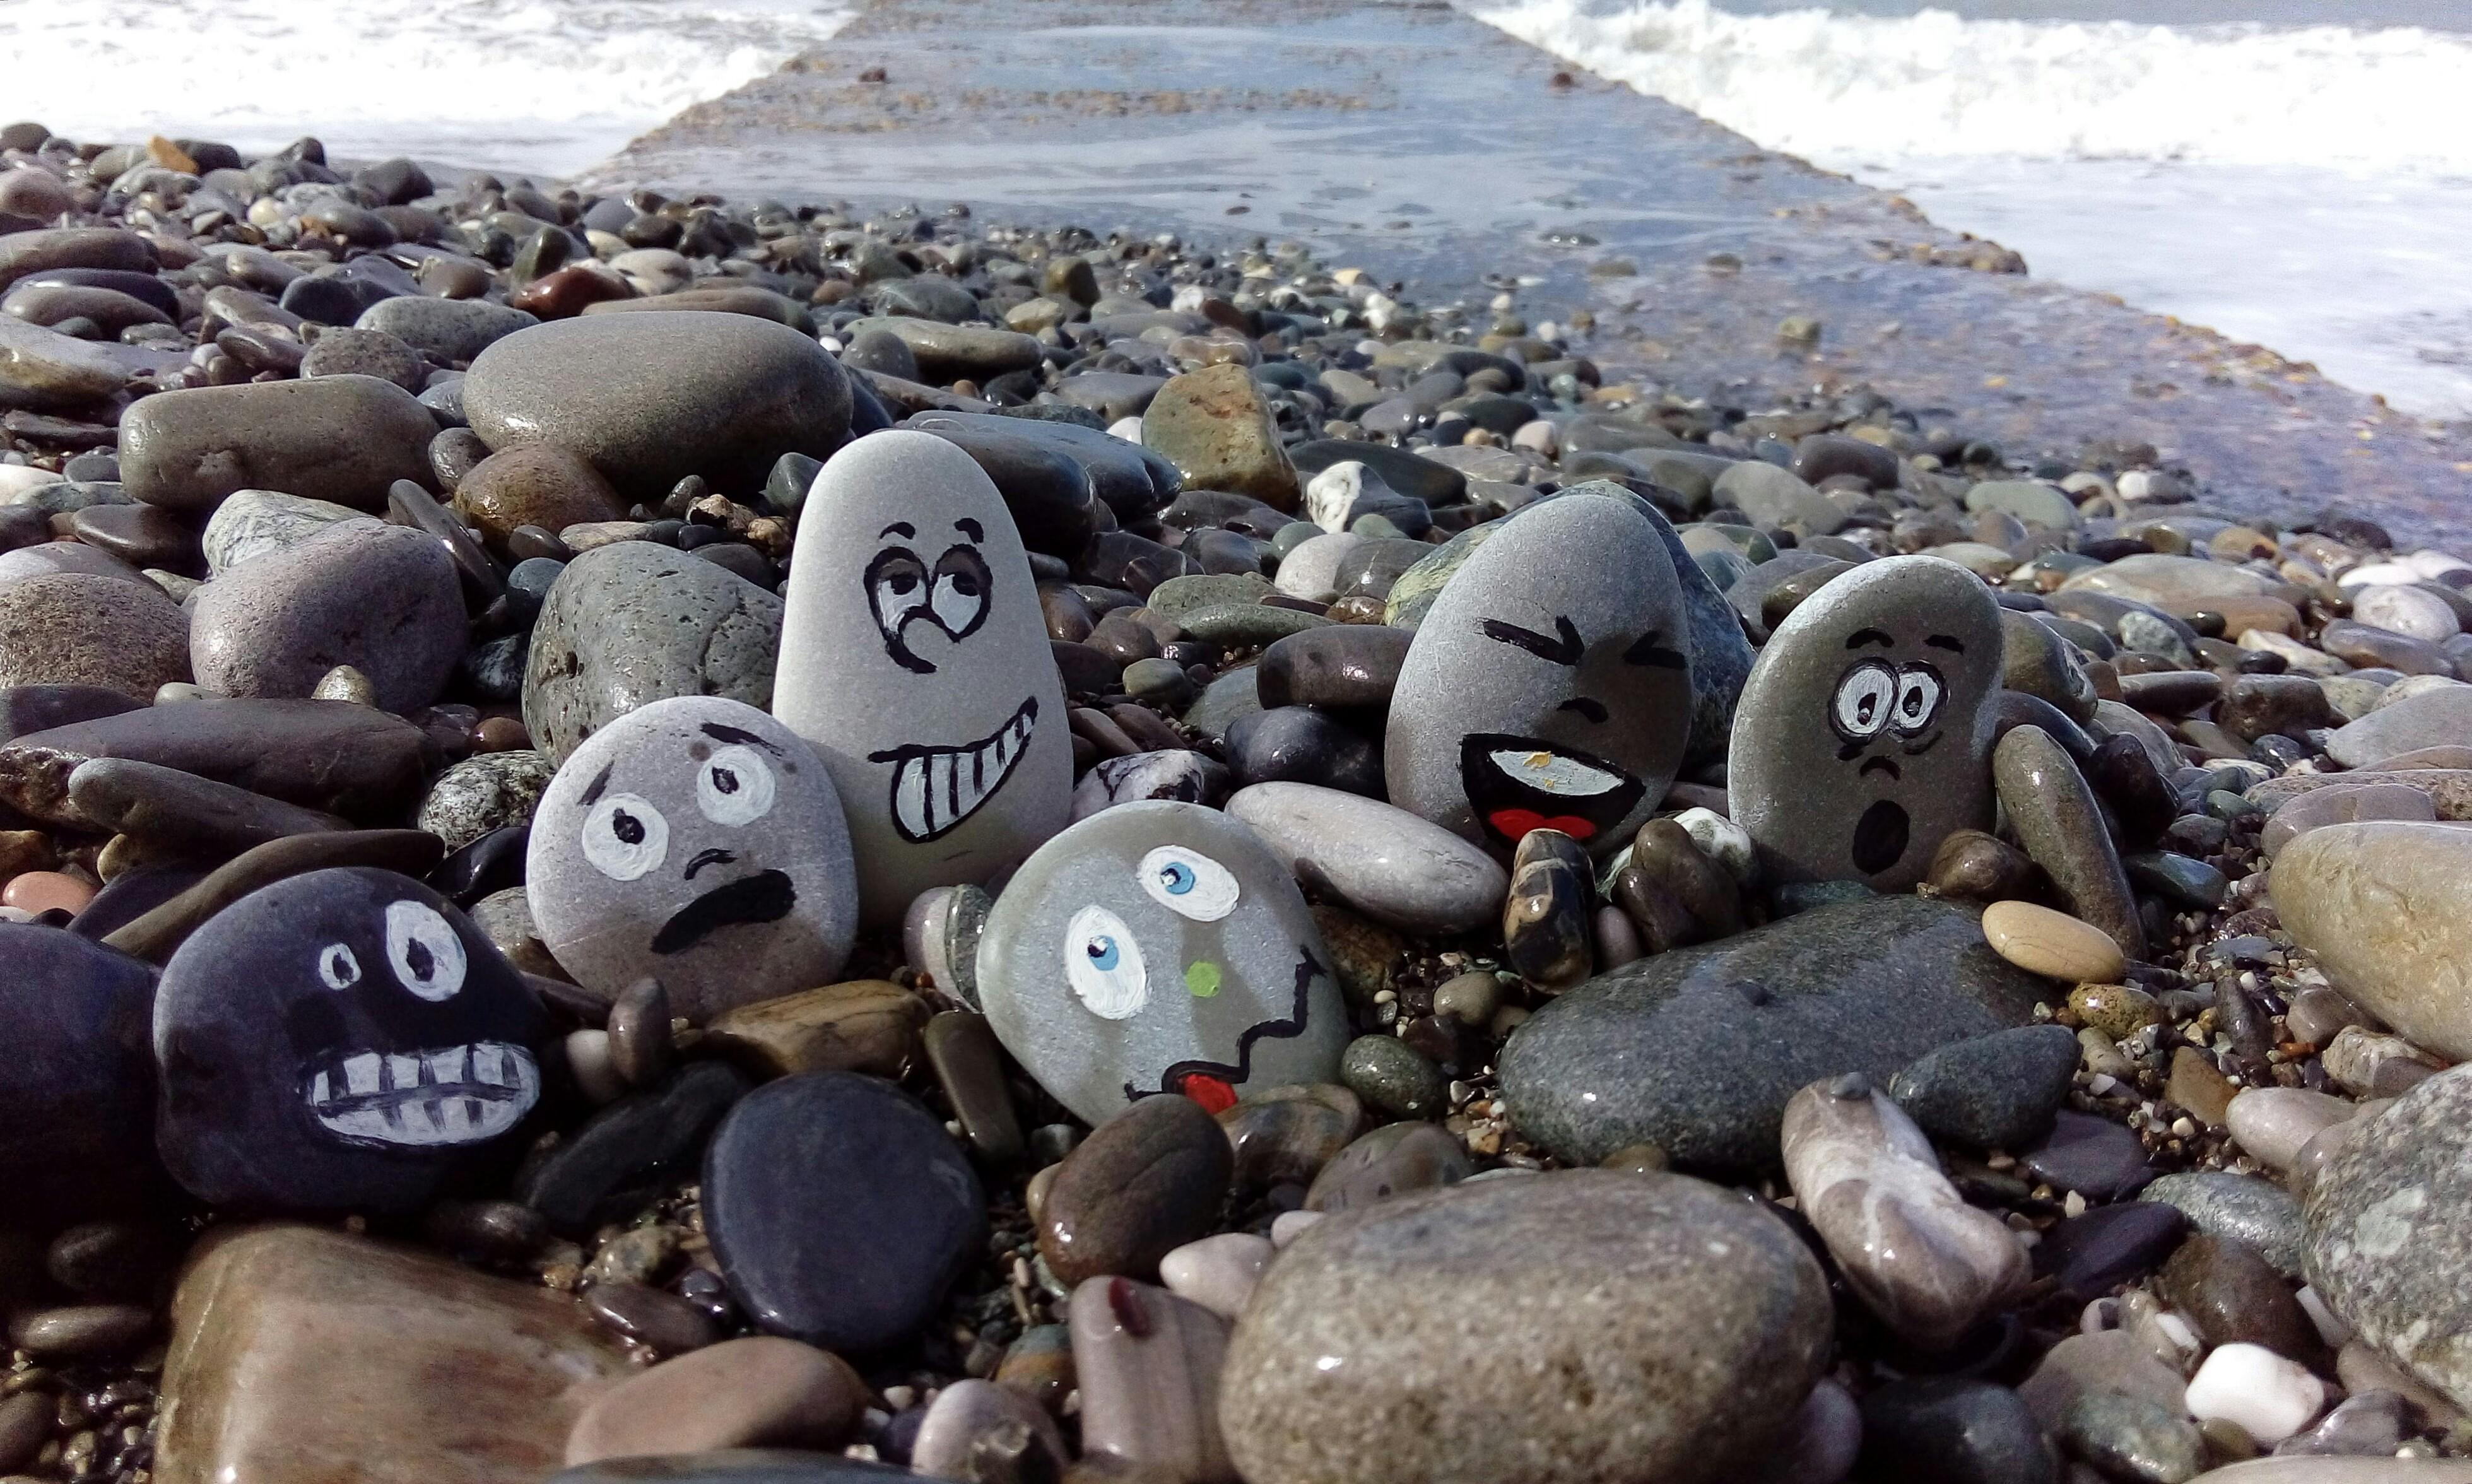 Когда мои друзья со мной!. Блиц: камни